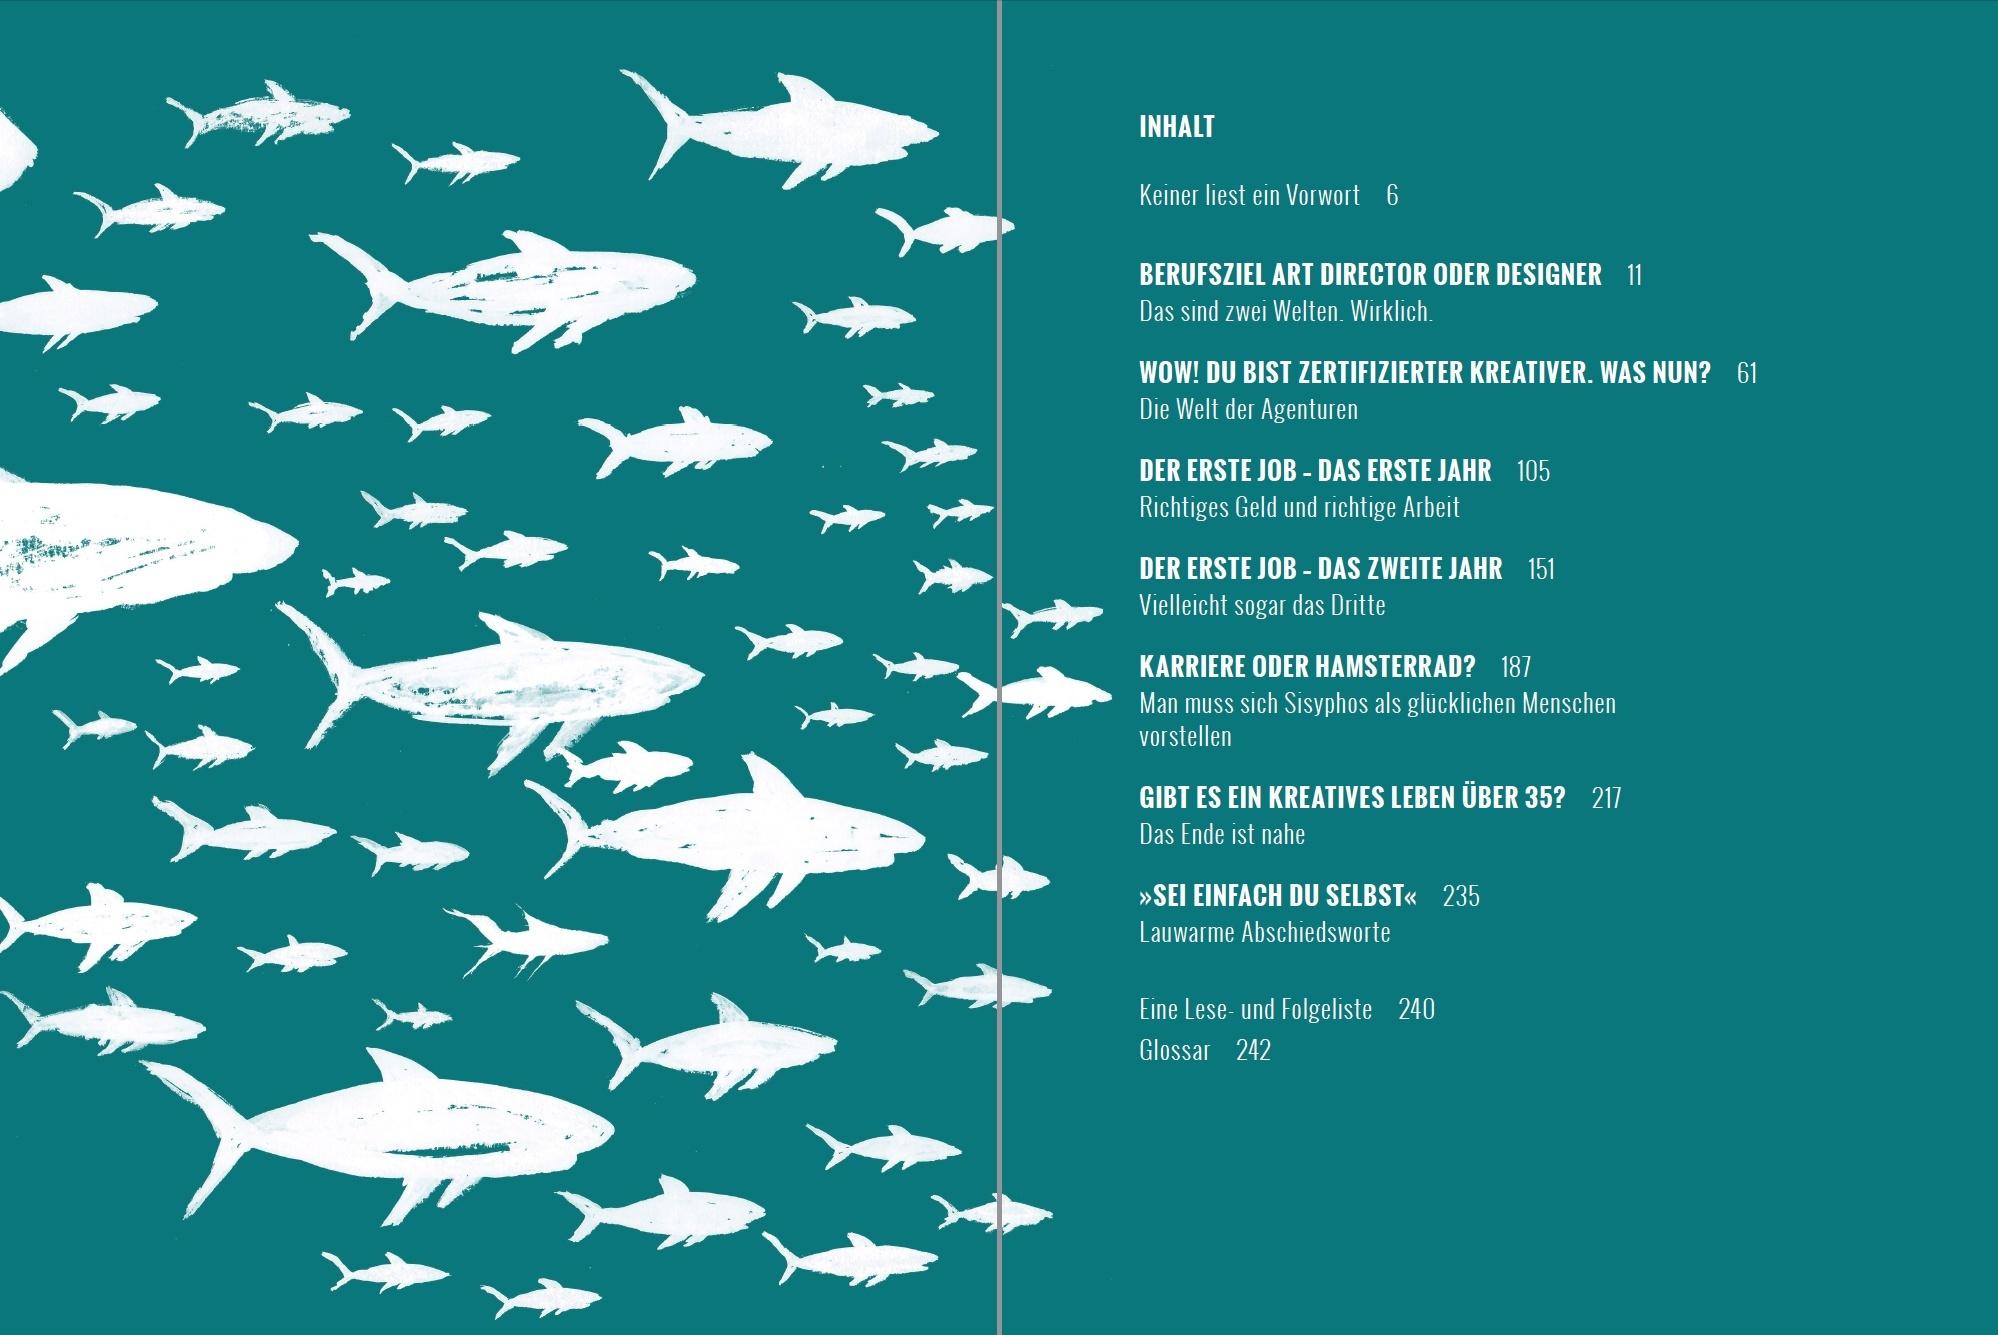 haifischbecken_inhaltsverzeichnis